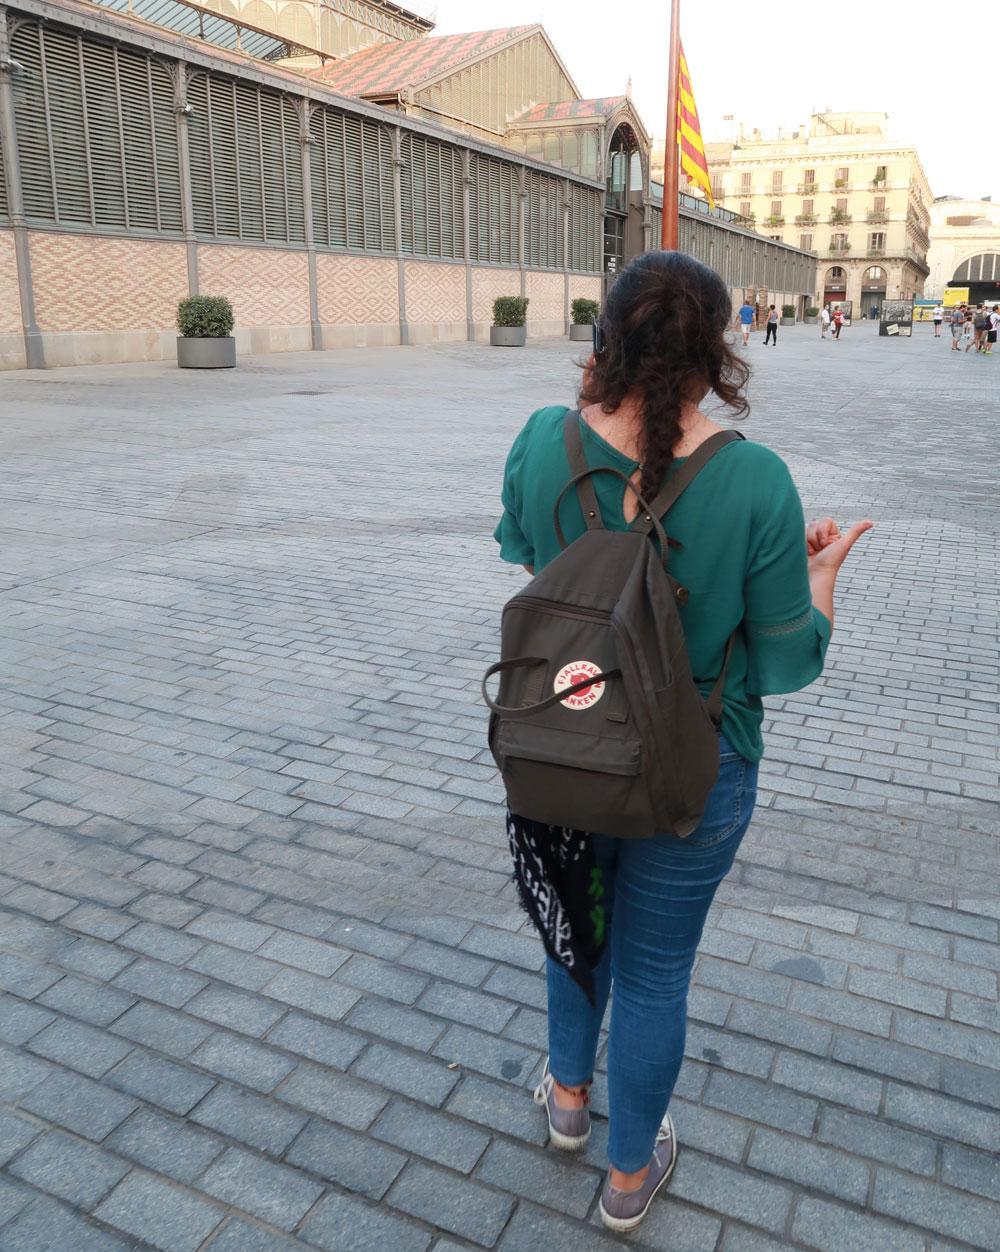 La periodista y compañera sentimental del periodista Hamça Yalçin.